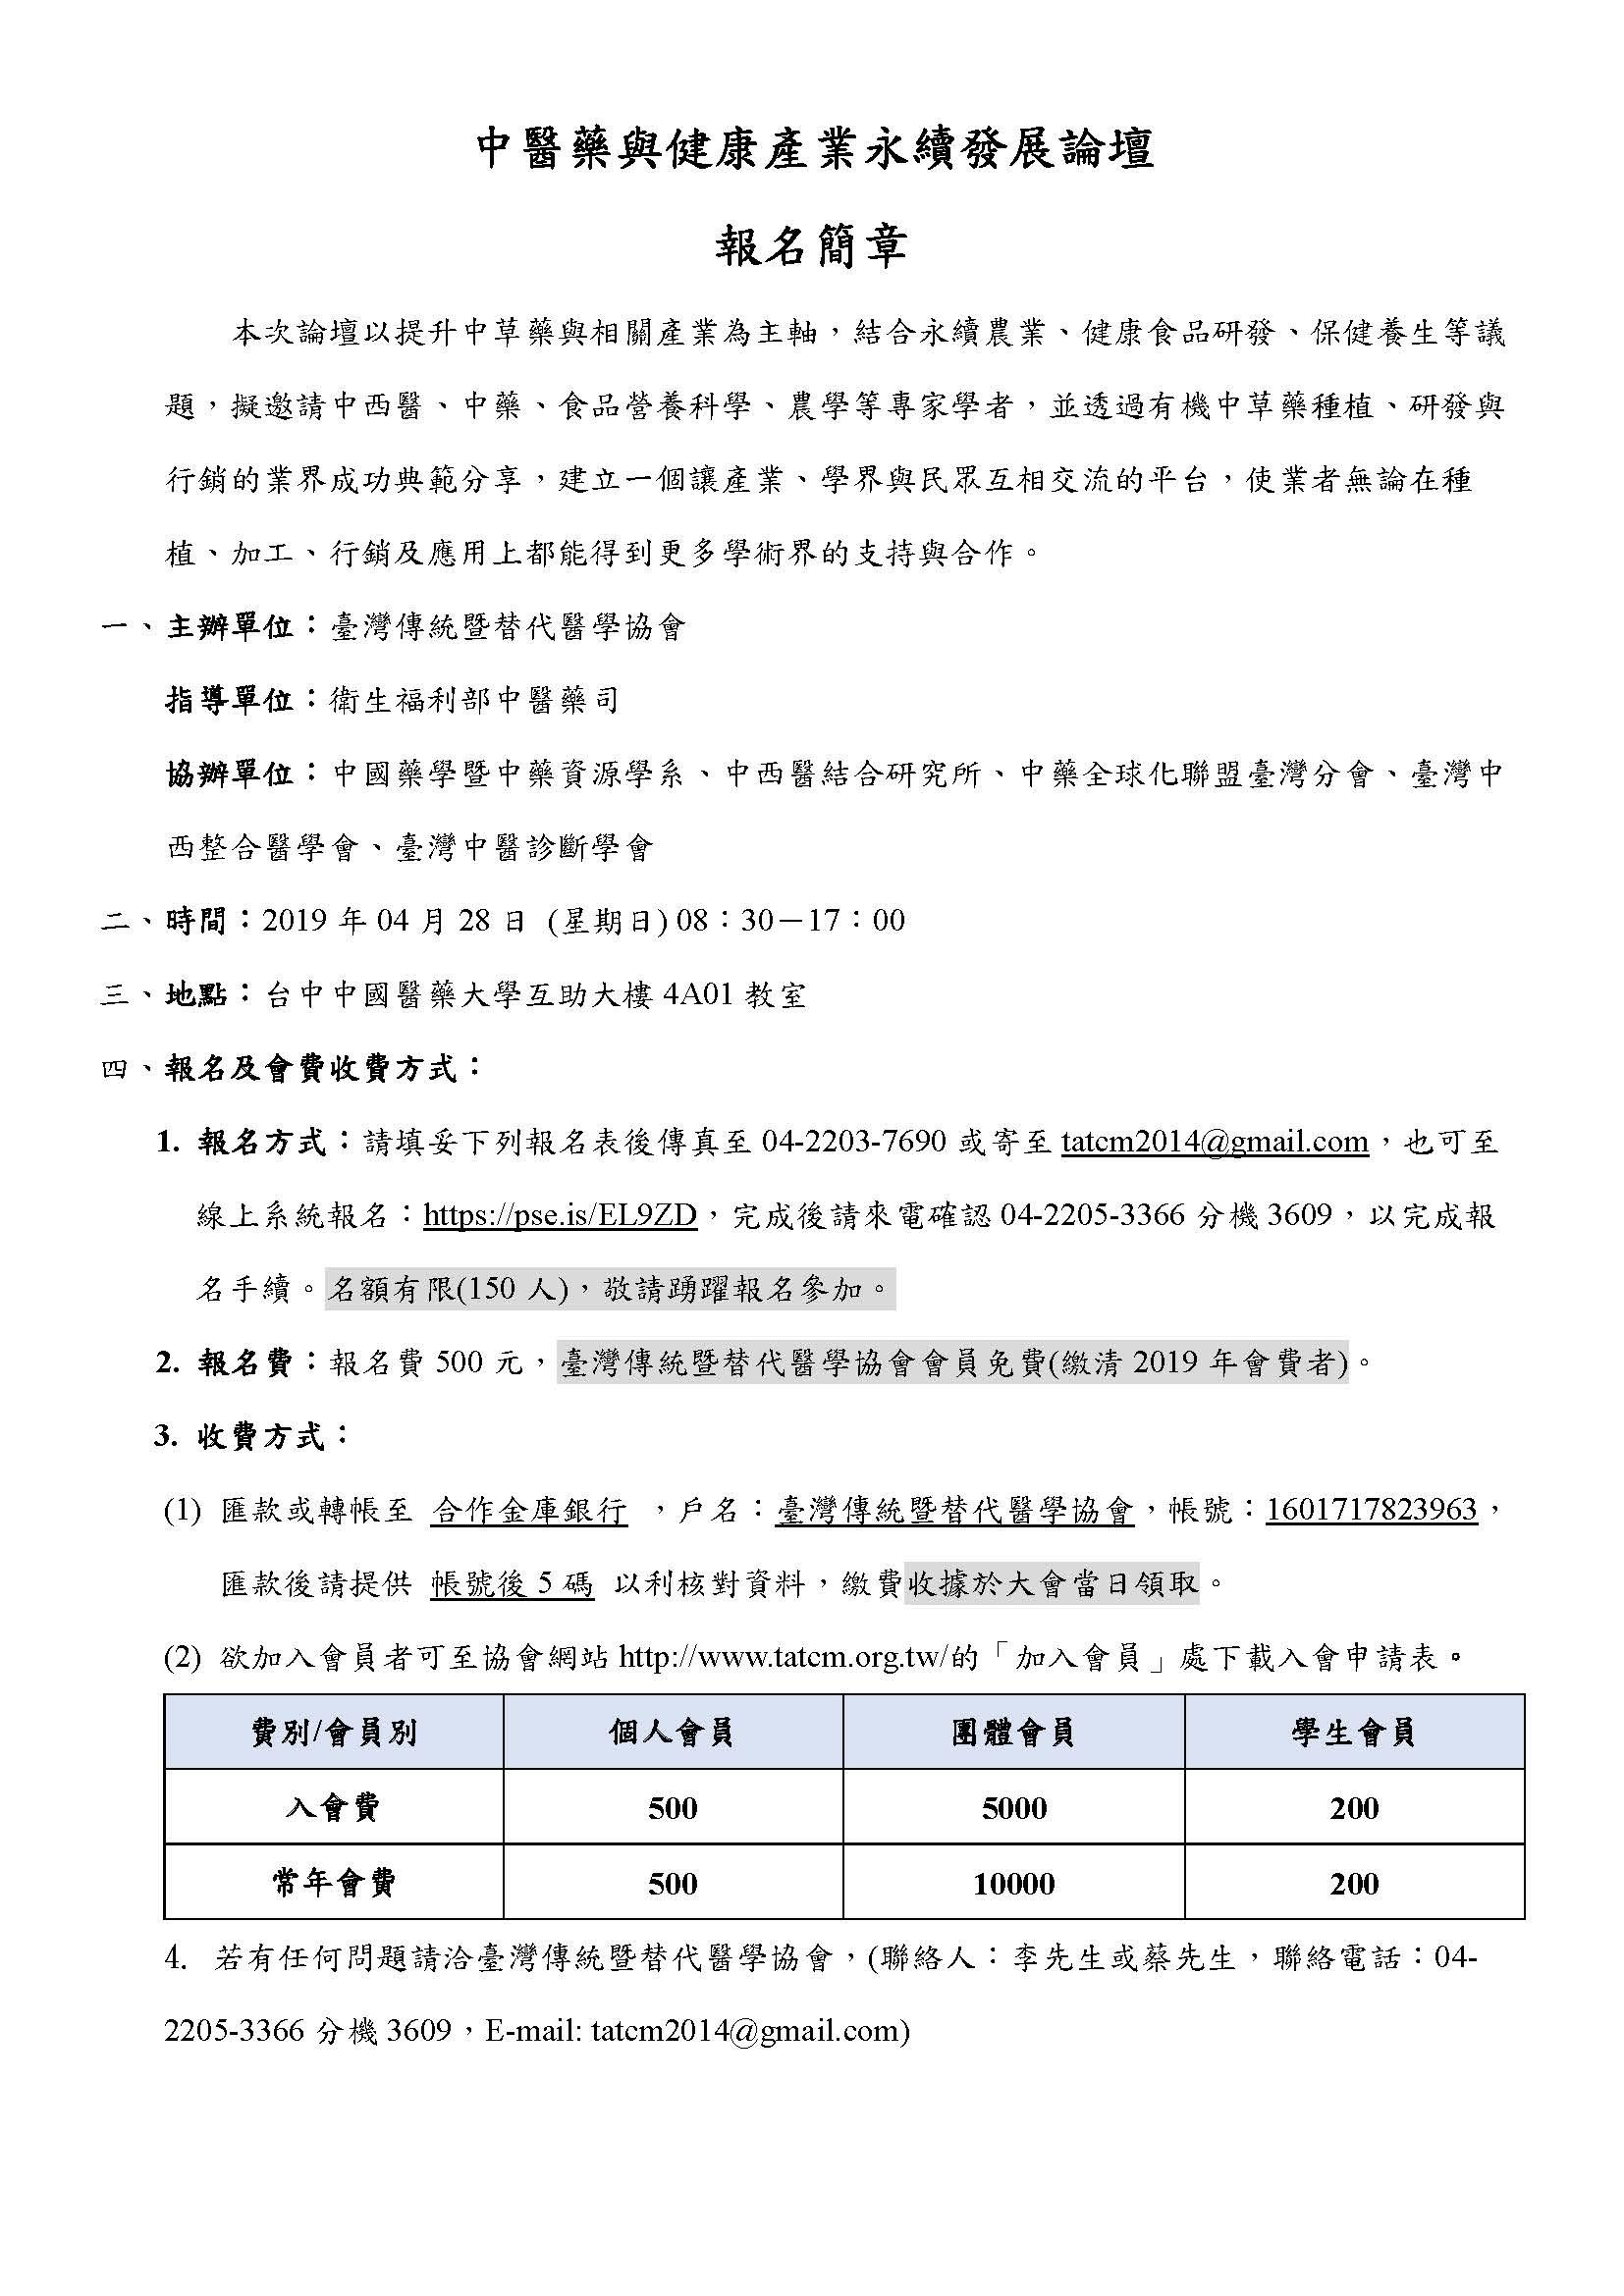 中醫藥與健康產業永續發展論壇_報名表(final)_頁面_1